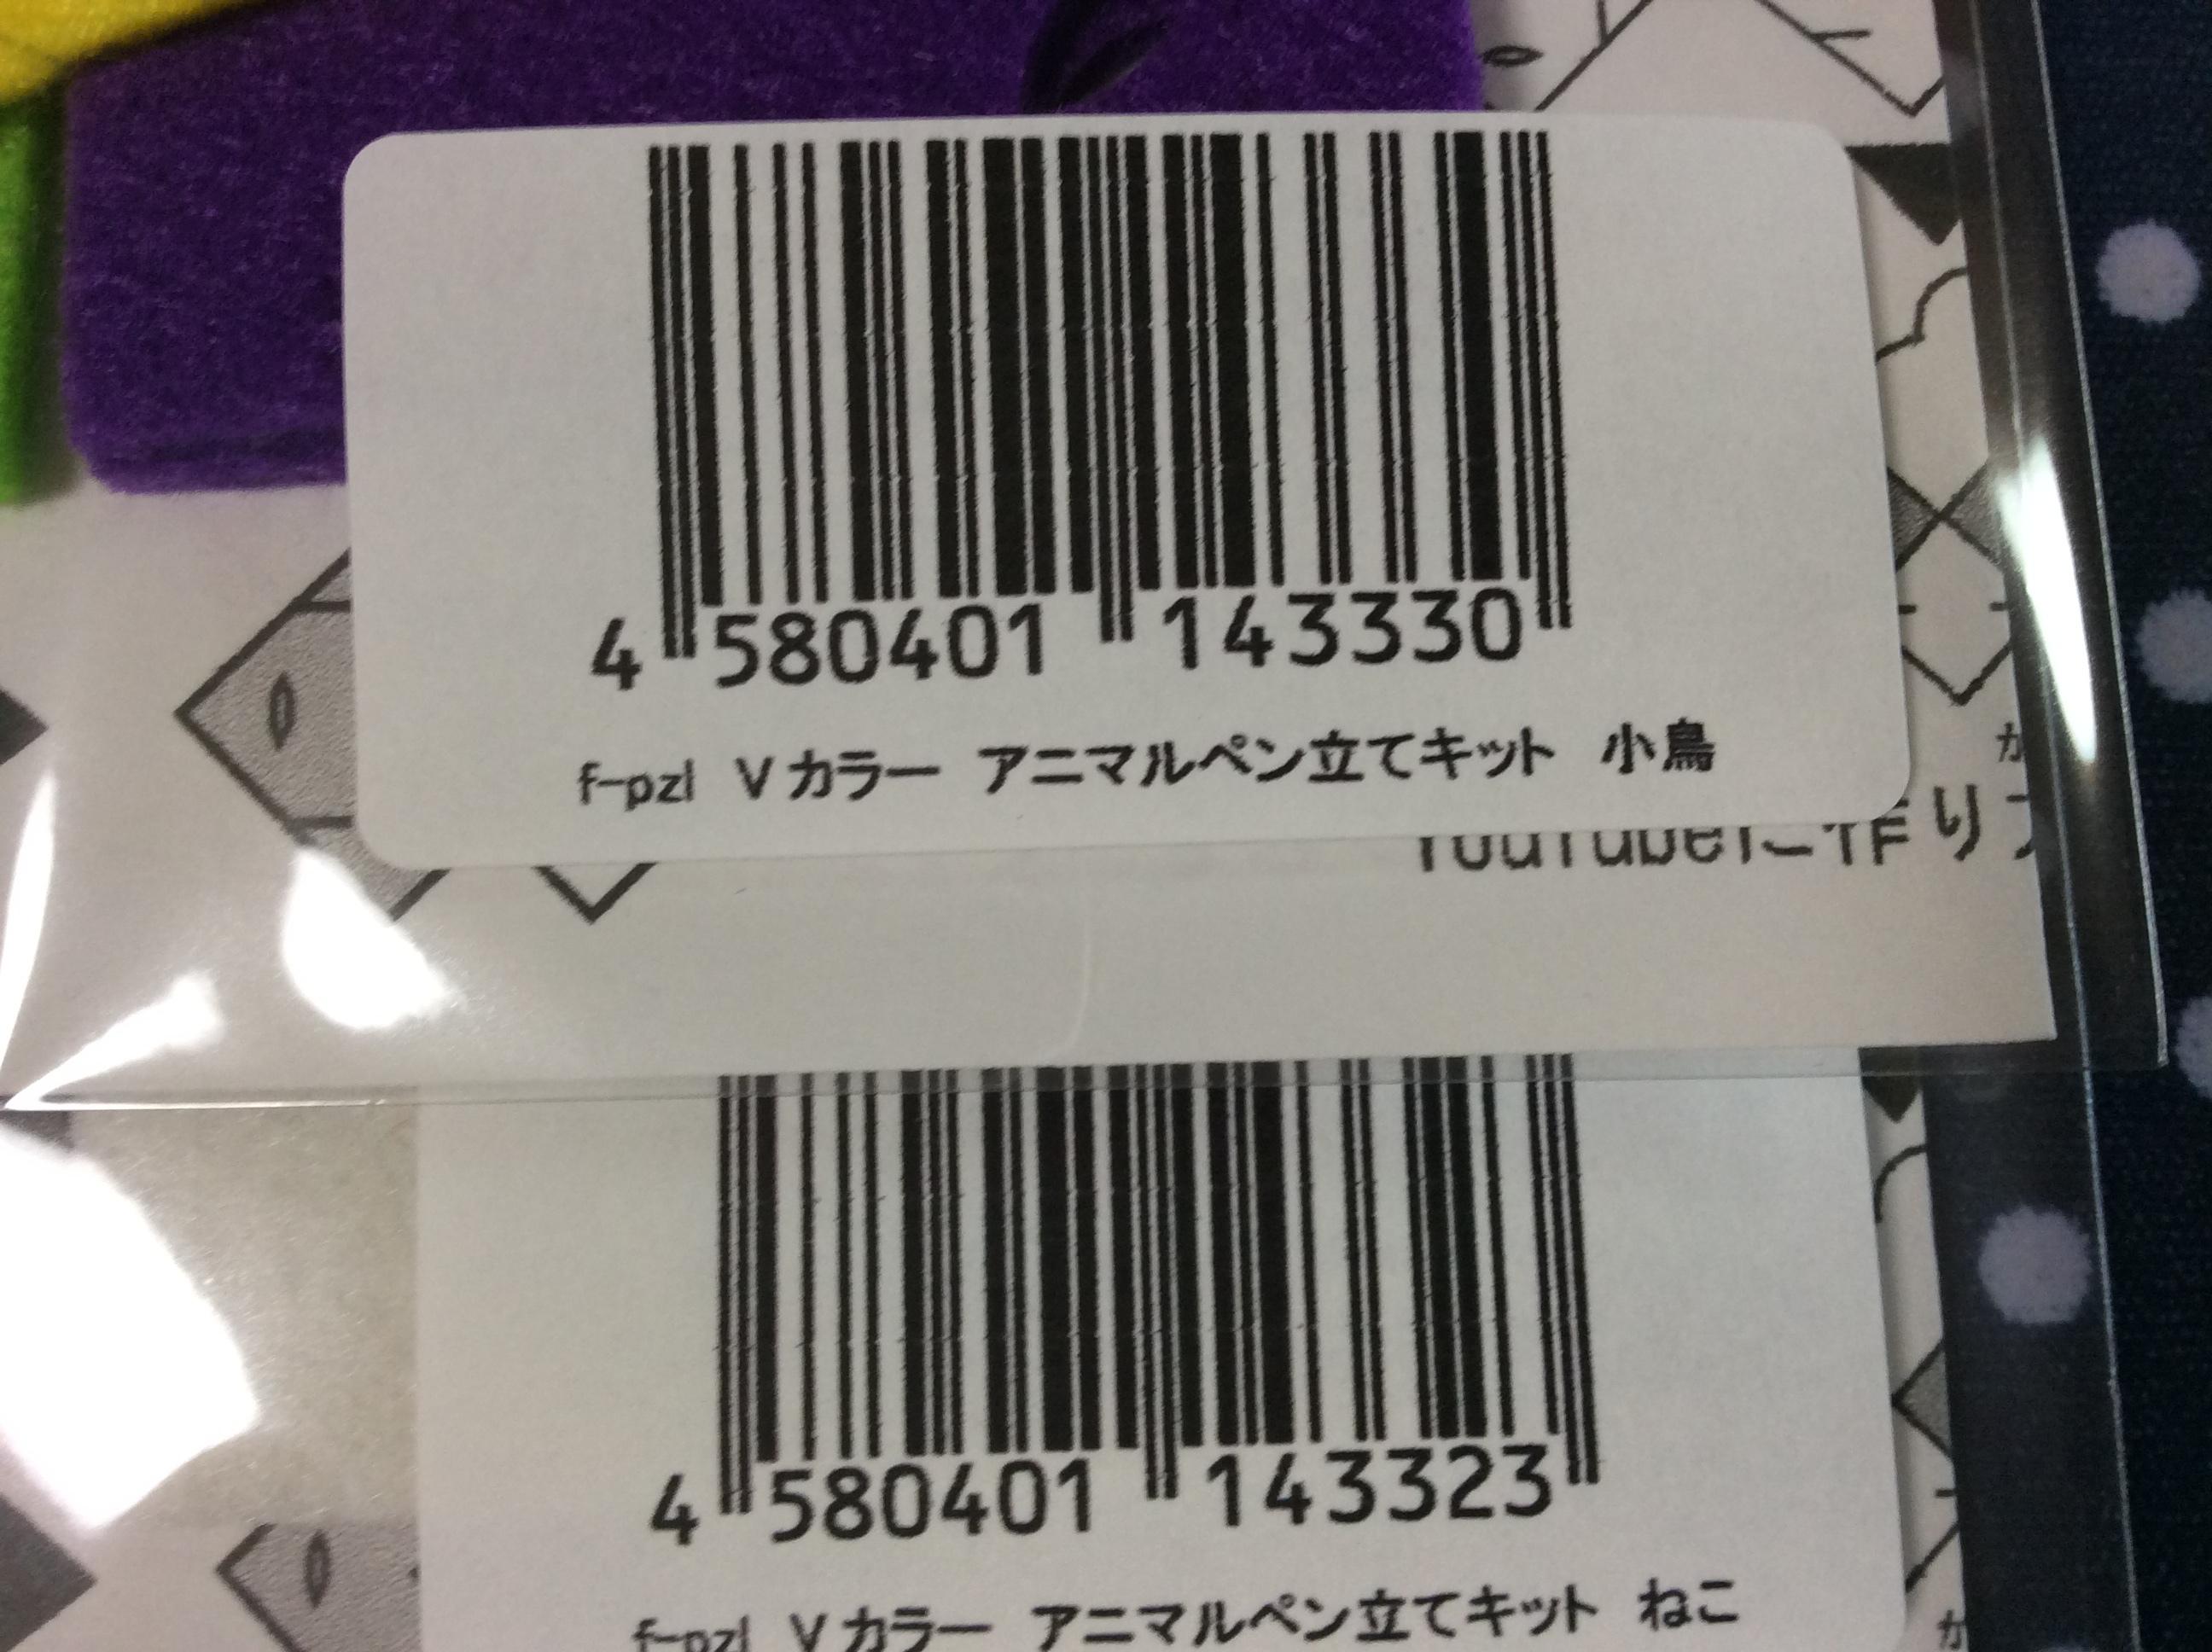 0D472D3F-15B7-4B14-AA0C-B999800A0024.jpeg